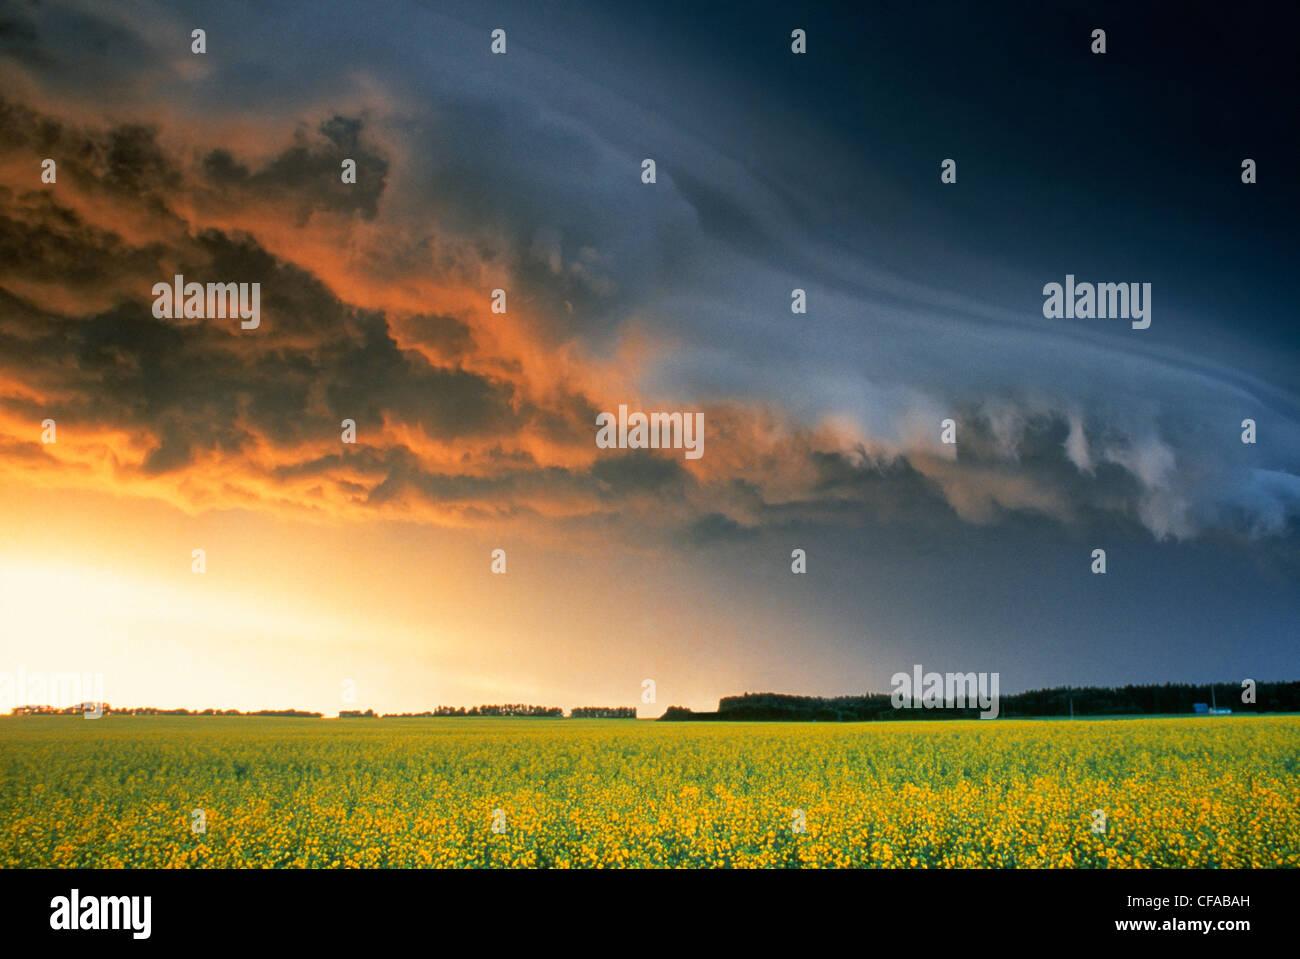 Le canola et les nuages de tempête près de Glenboro, Manitoba, Canada. Photo Stock